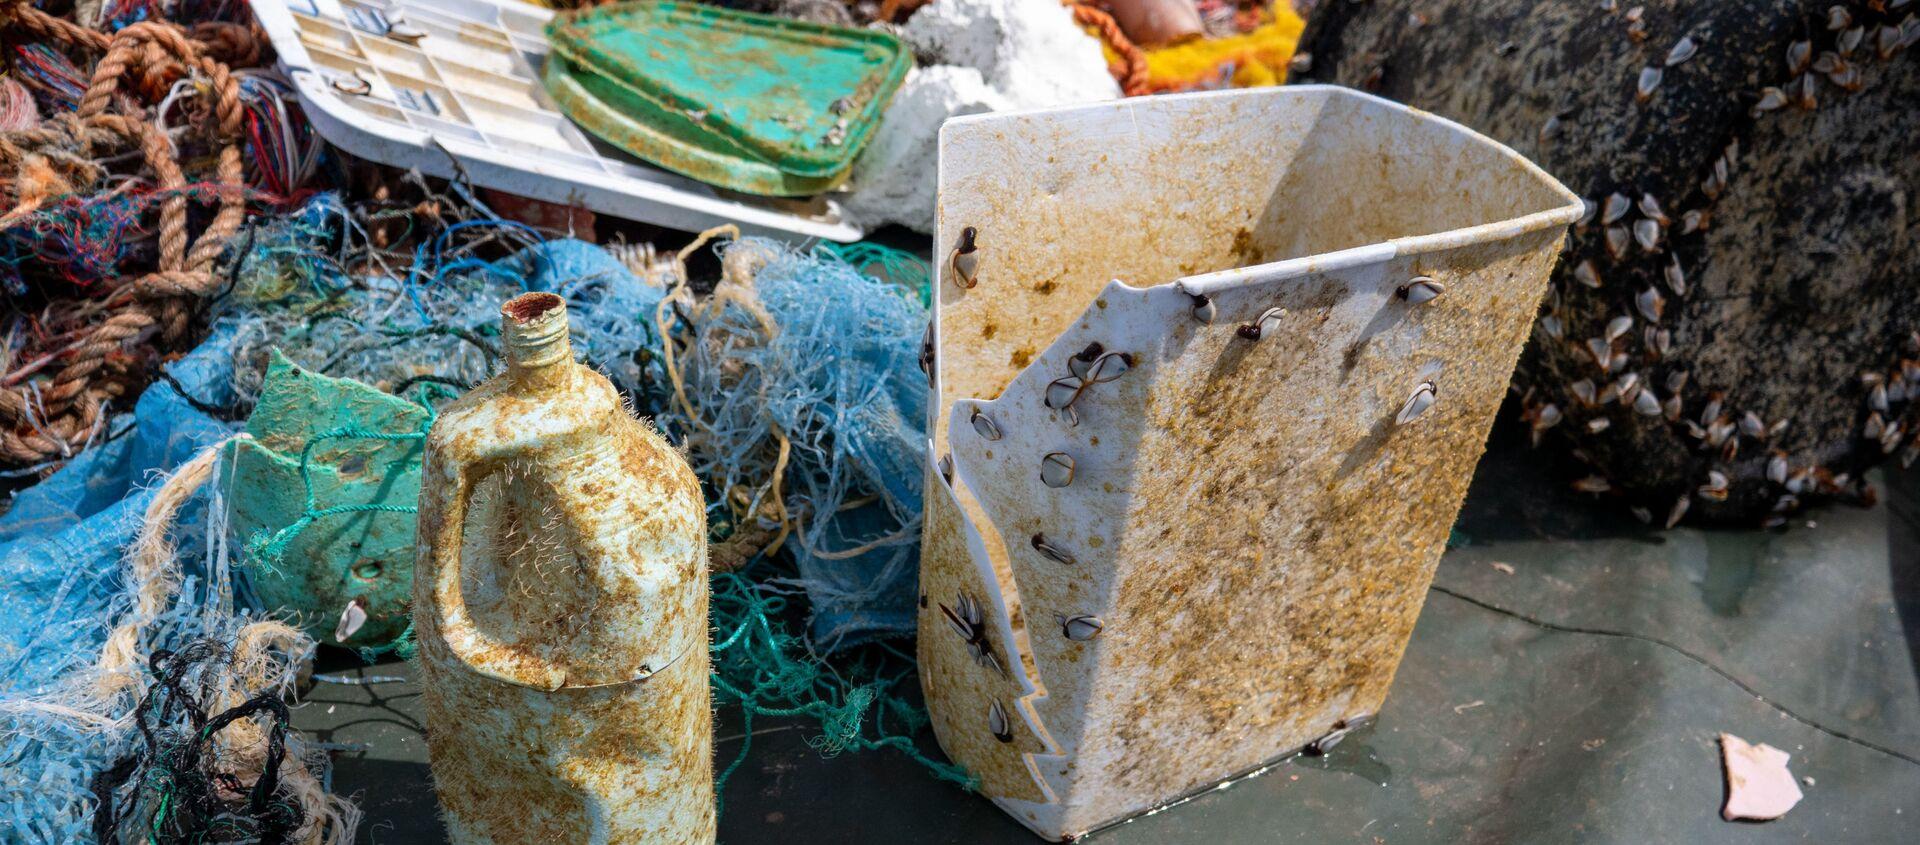 Great Pacific Garbage Patch: rimosse più di 100 tonnellate di rifiuti dall'isola di plastica più grande del mondo - Sputnik Italia, 1920, 28.11.2020